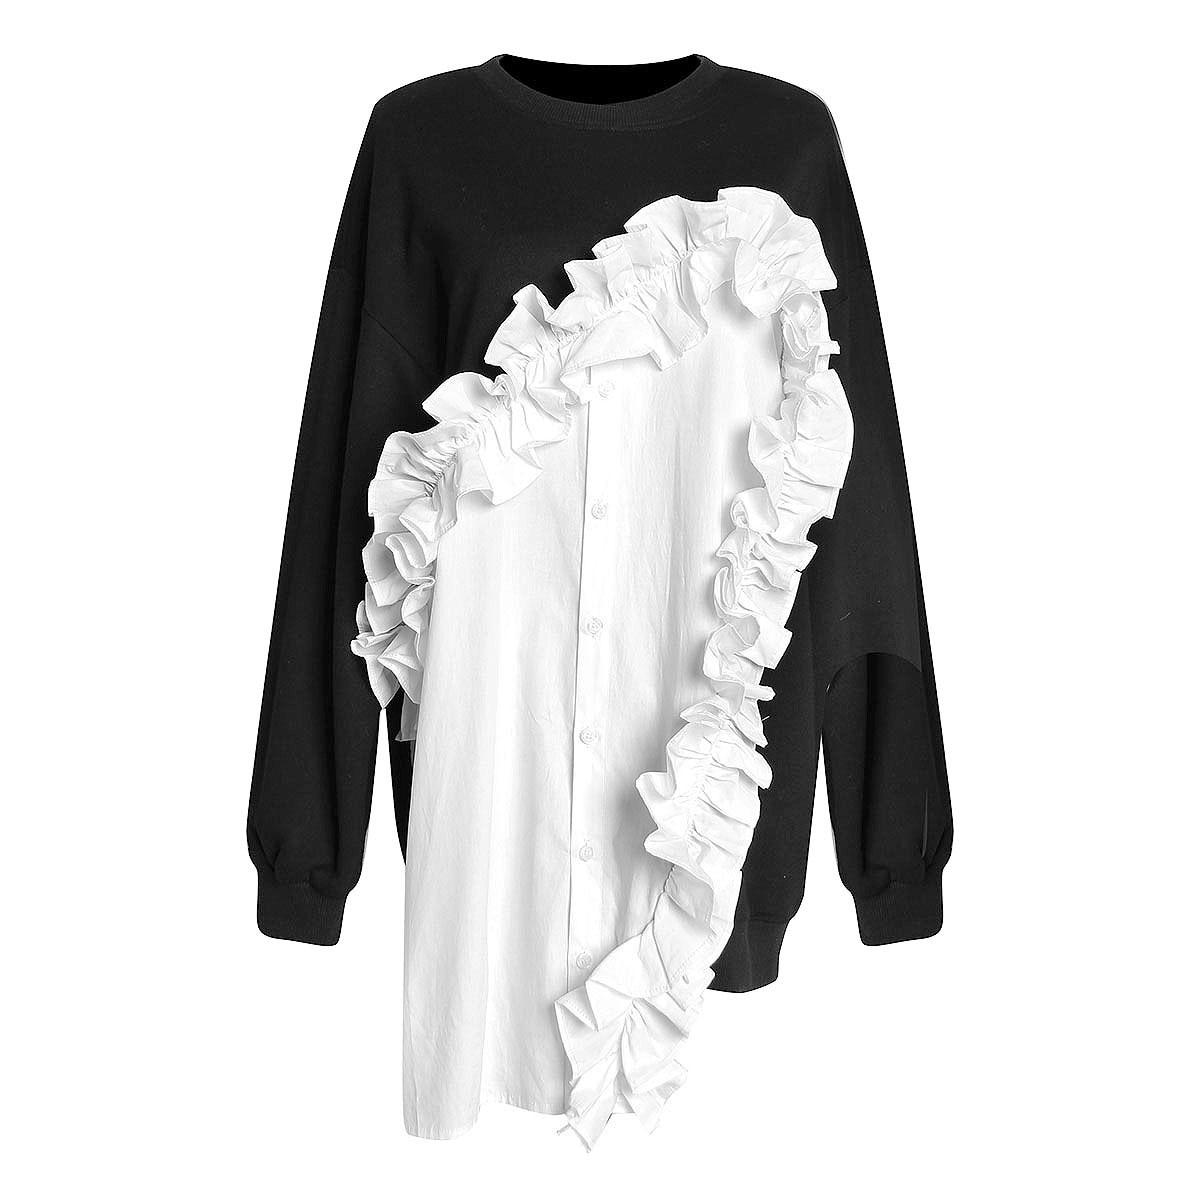 2019 Patchwork À Volants Pour Les Femmes Sweat Manche Longue Frappé Couleurs hauts pullover Femme Printemps été pulls à capuche de mode